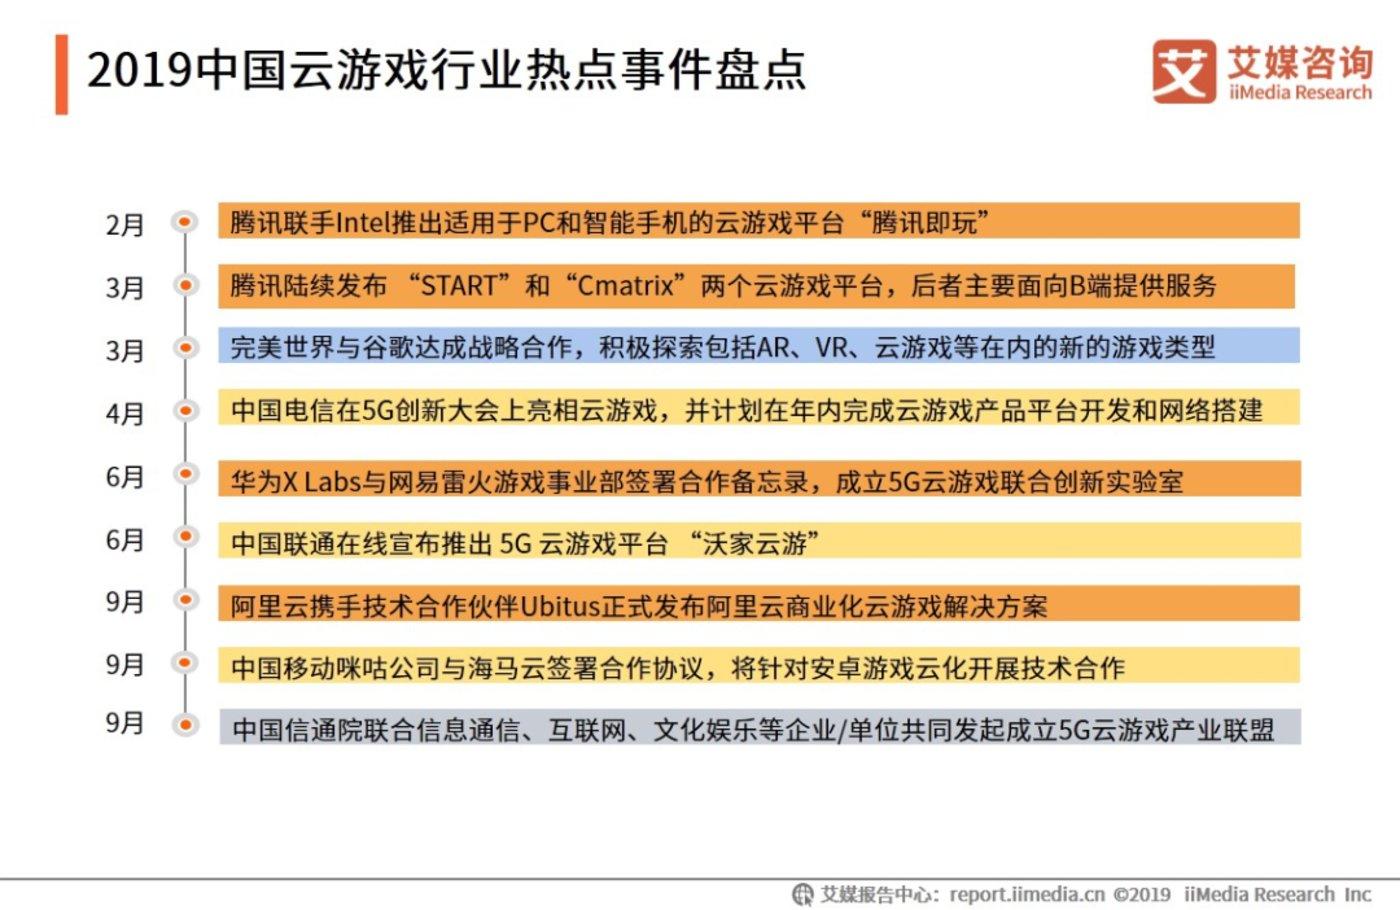 来源:艾媒咨询《2019中国云游戏行业专题研究报告》